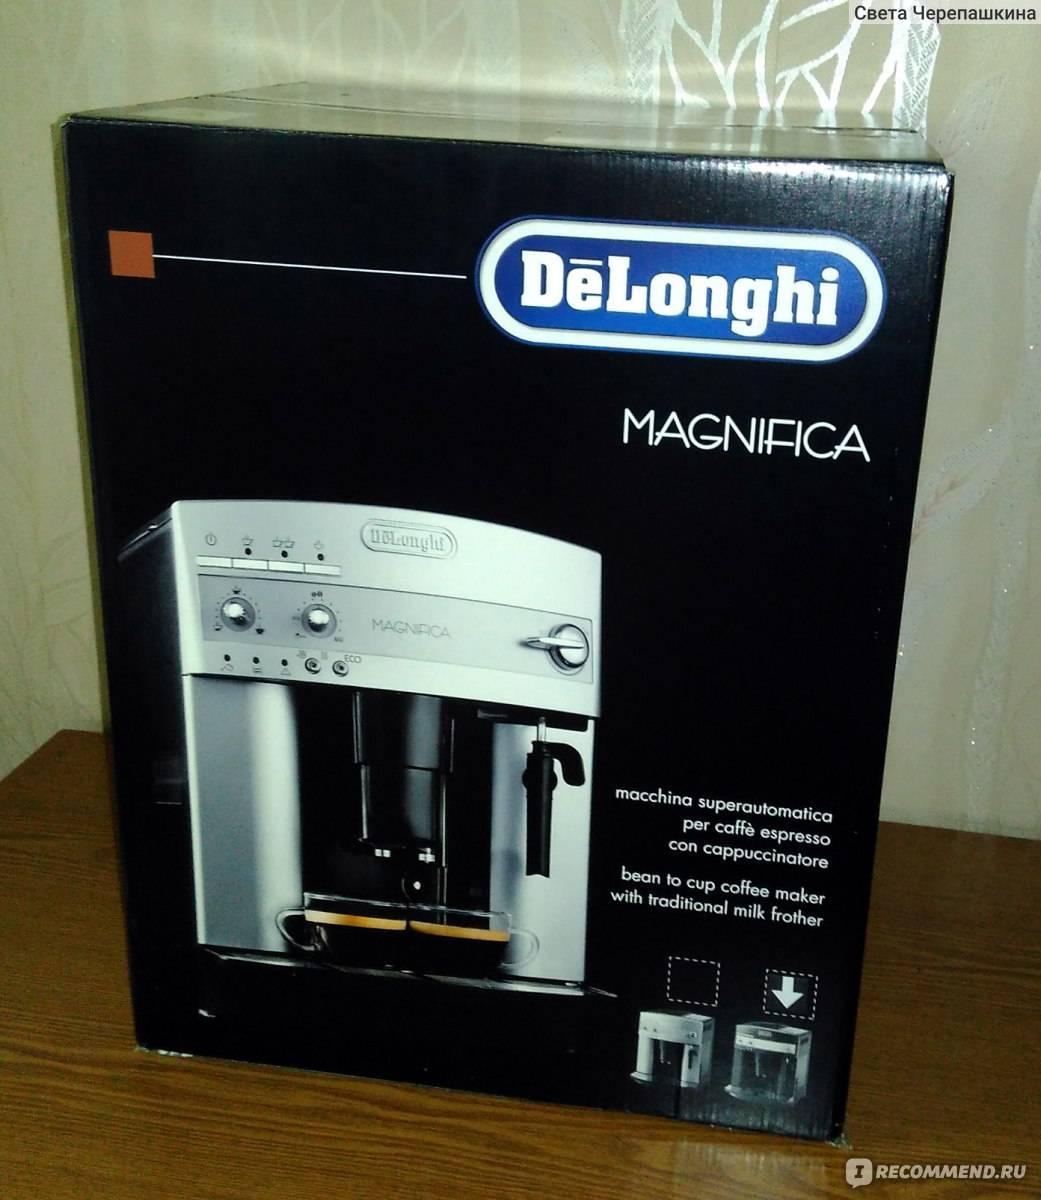 Delonghi esam 5600 – молочный автомат с полностью сенсорным управлением. подробный обзор от эксперта